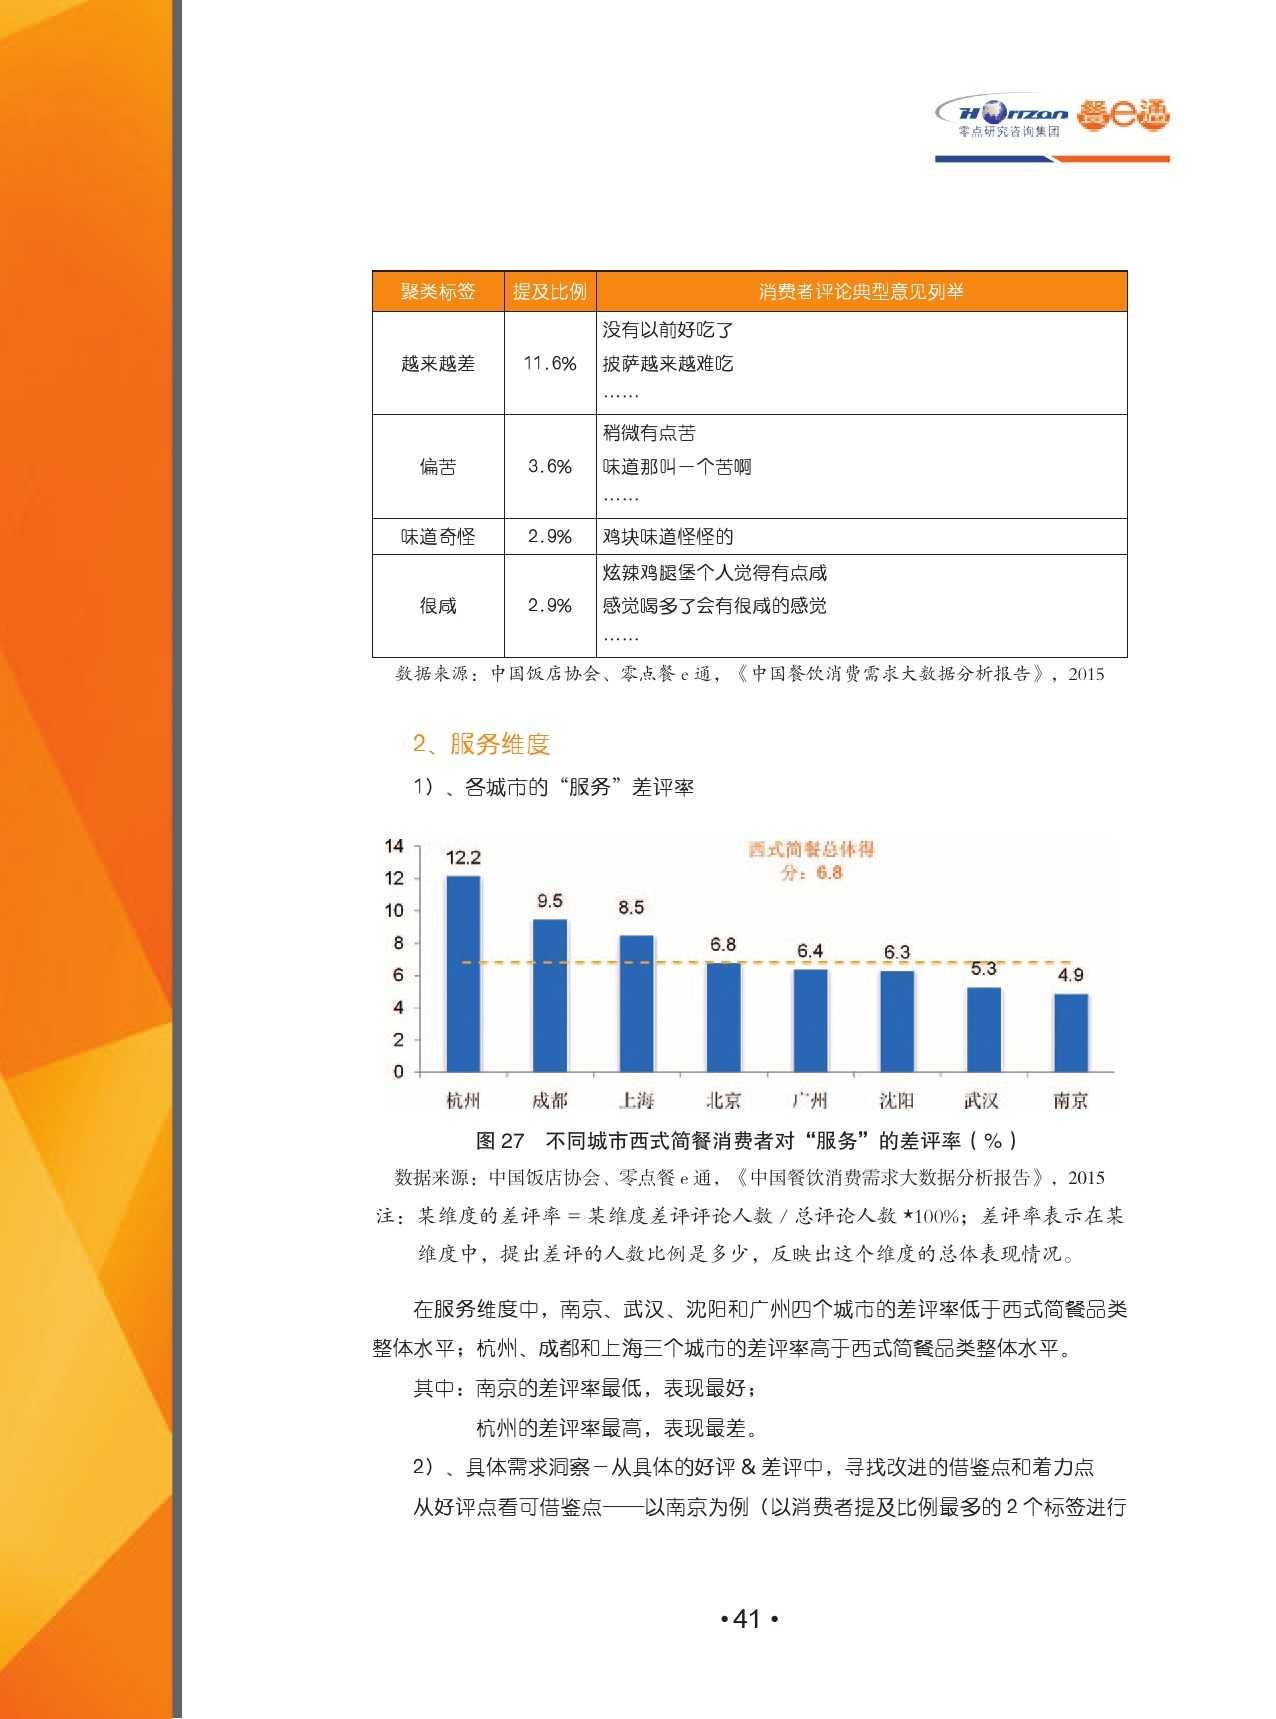 2015中国餐饮消费需求大数据分析报告_000043